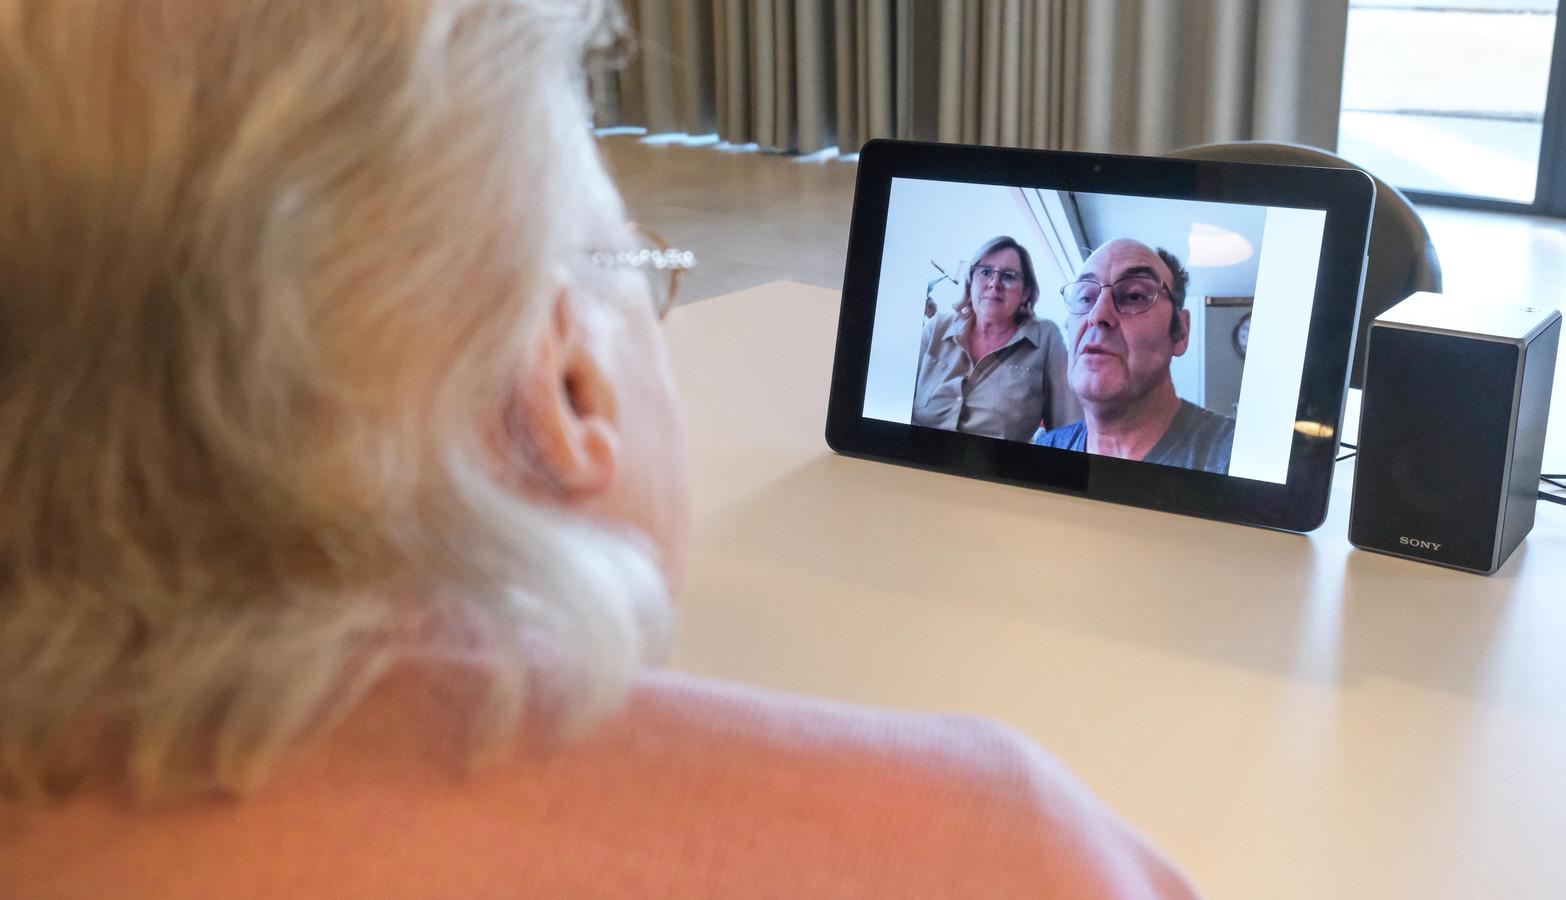 Eenvoudig videobellen. Automatisch verbonden worden op een tablet. Geert Carette probeerde het woensdagnamiddag uit. En kreeg zijn mama Thérèse De Cruyenaere aan de lijn.